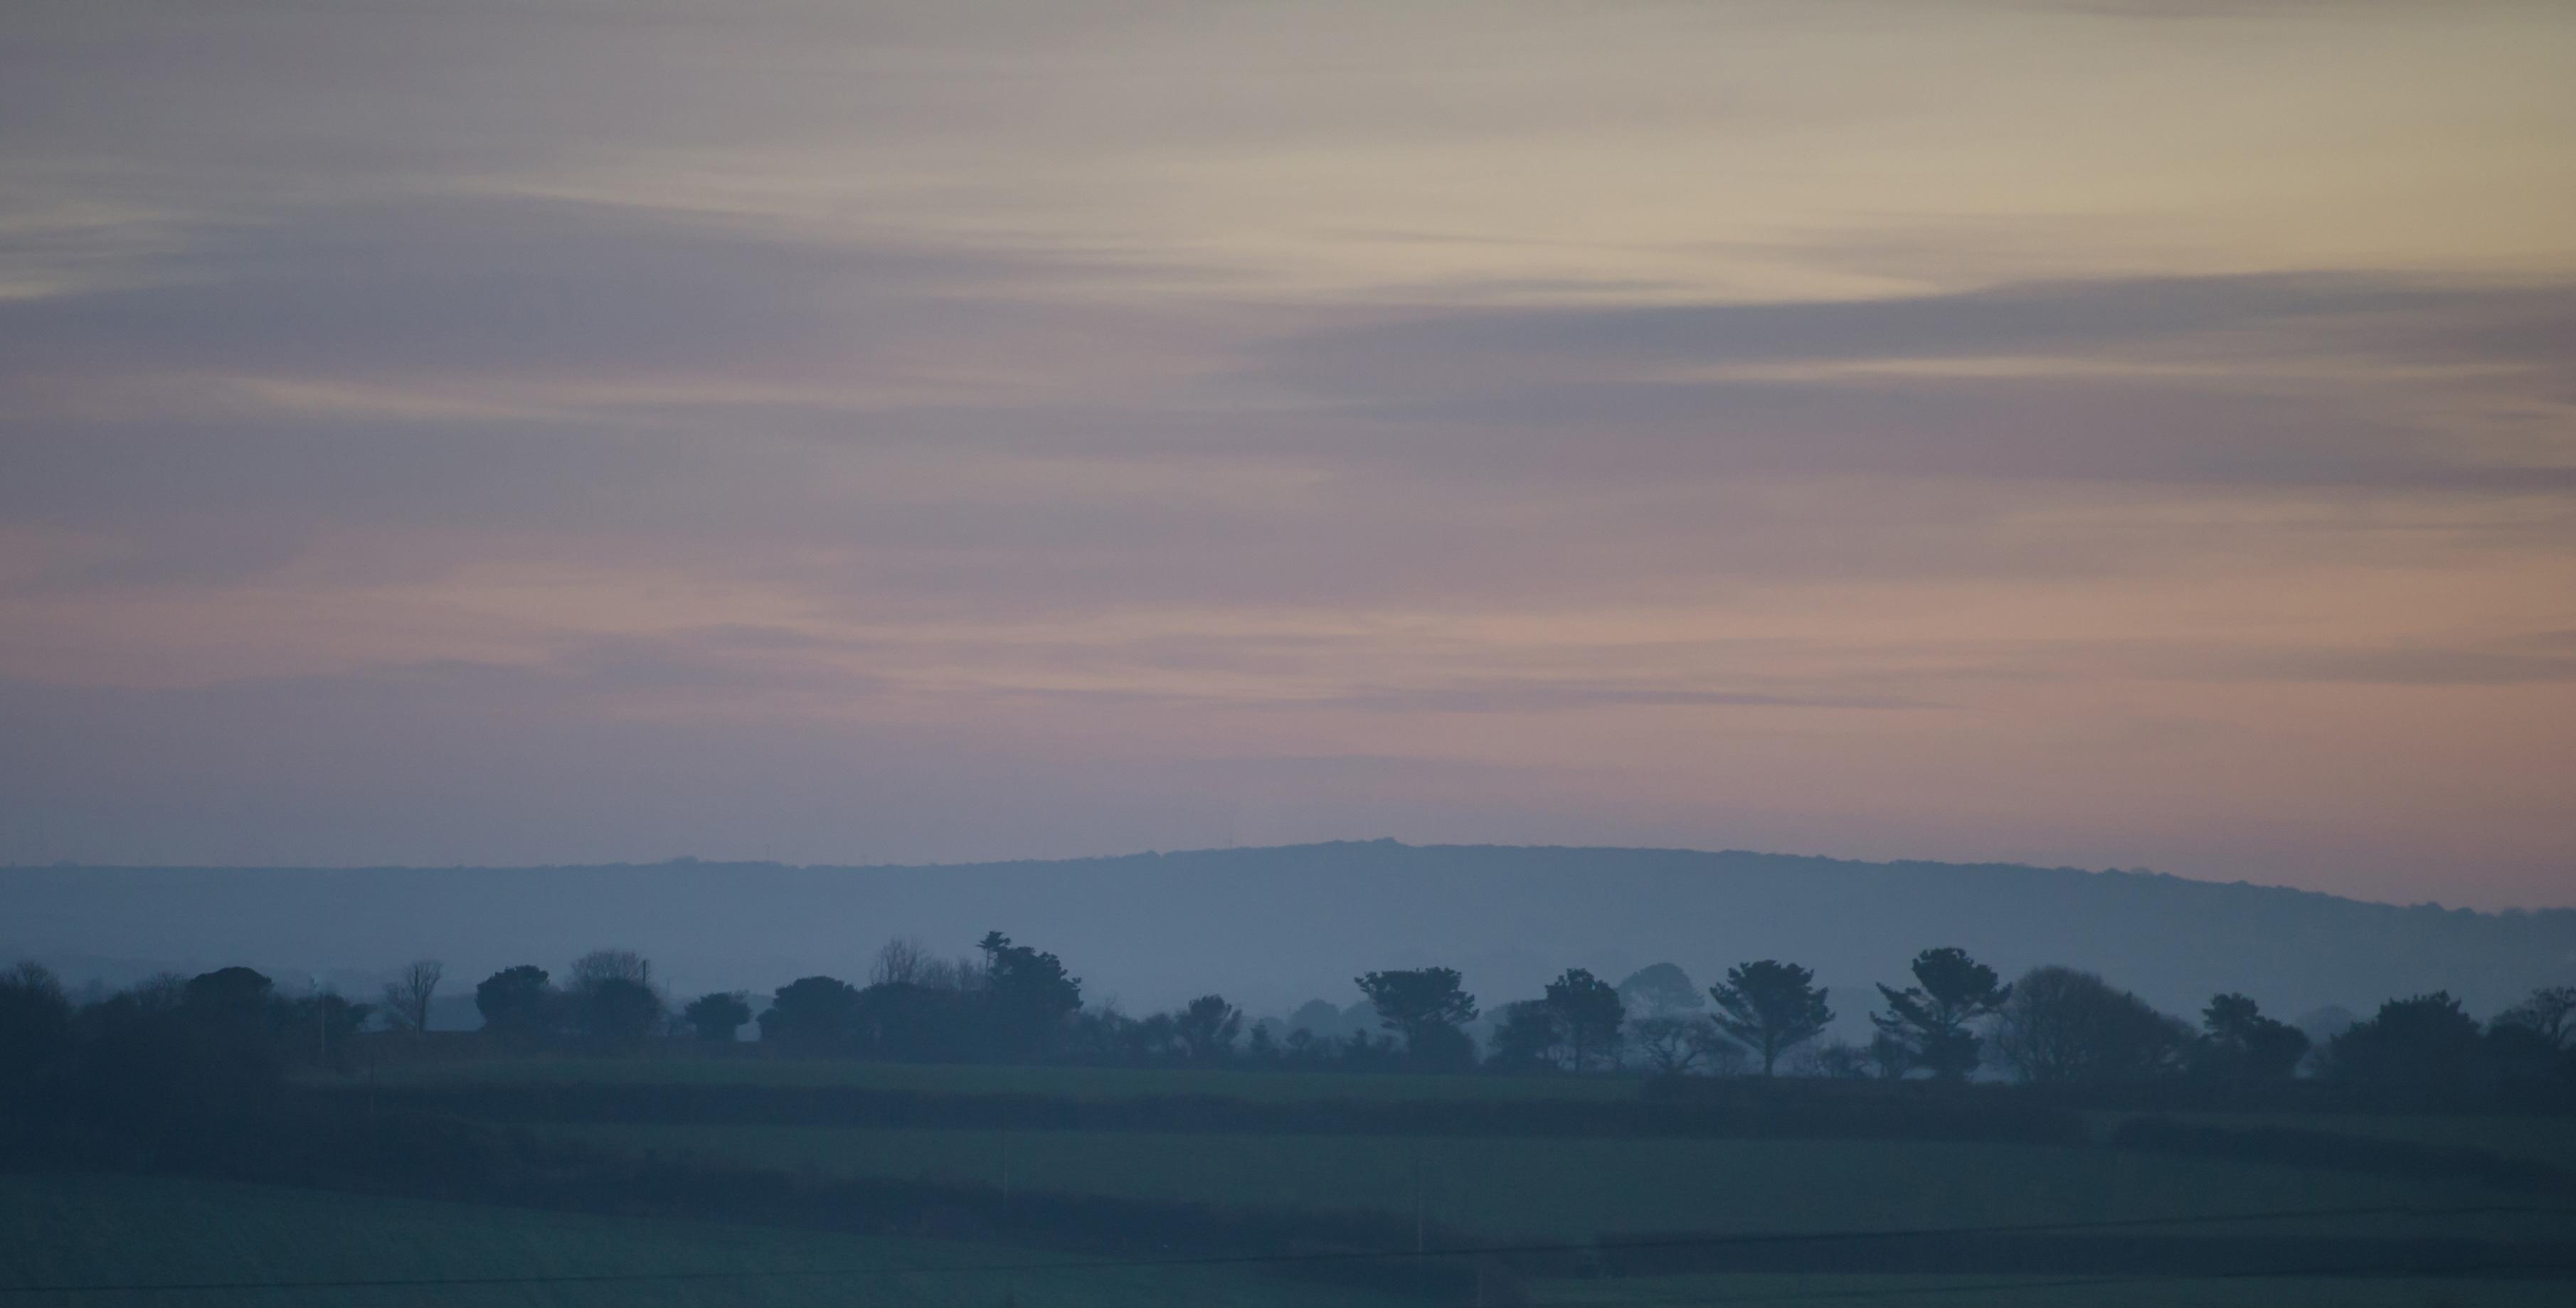 In Tothe Woods The Days Darken banner image